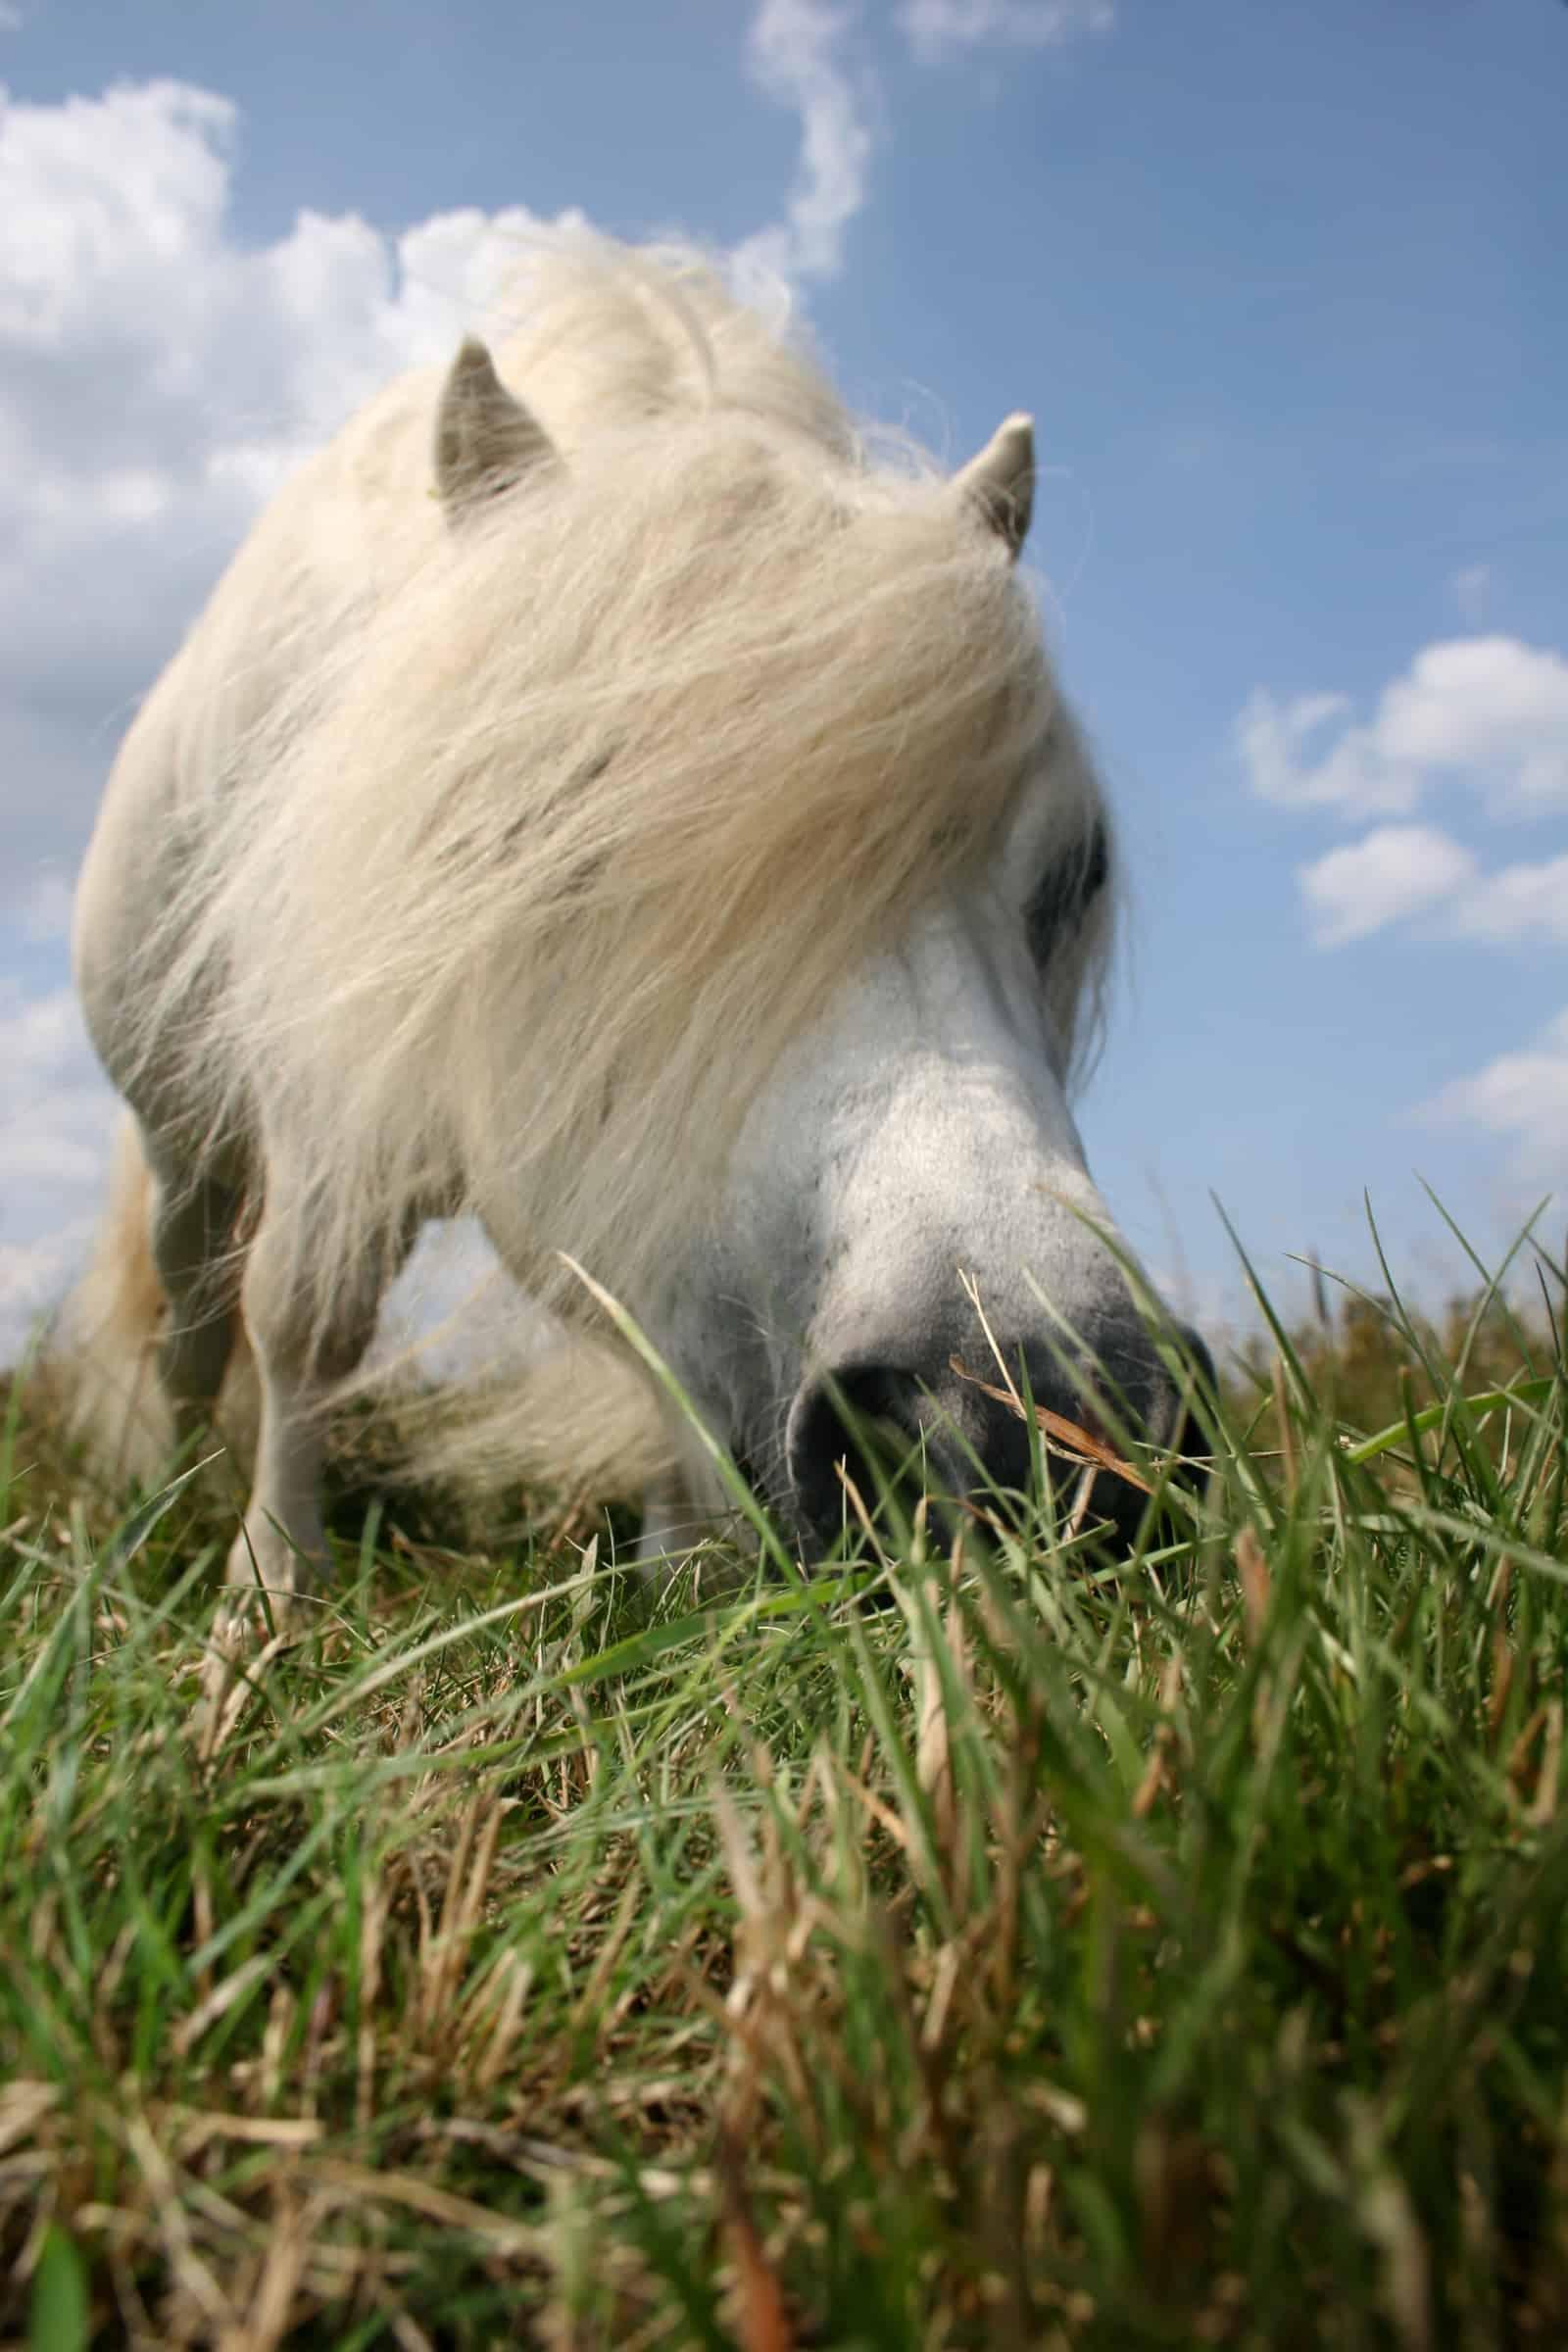 When Do Horses Need Vitamin E?